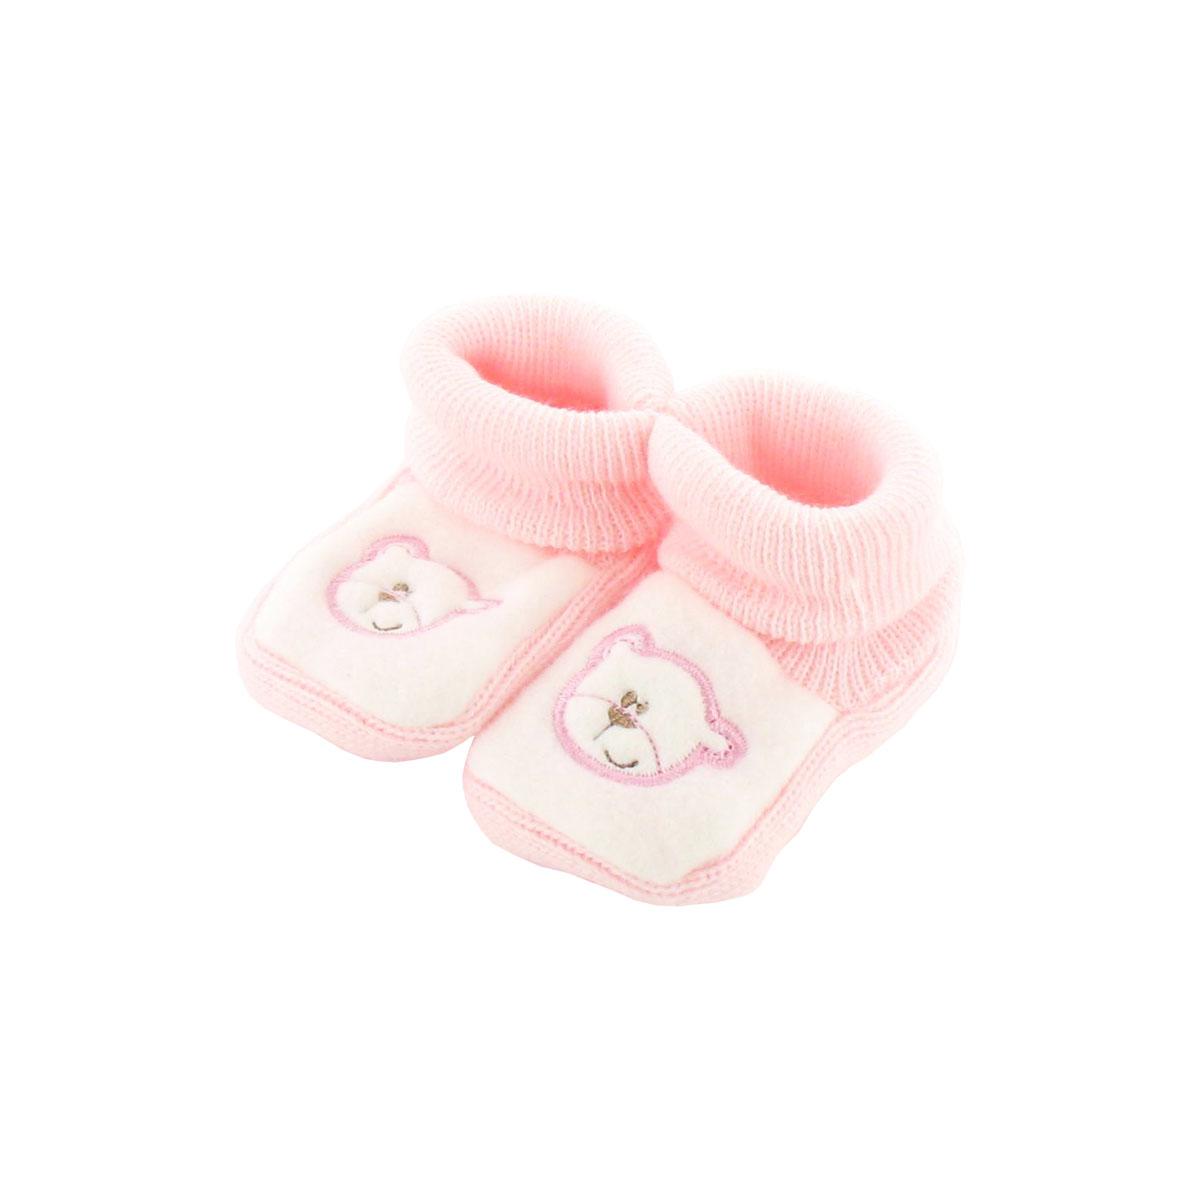 Chaussons pour bébé 0 à 3 Mois bleu et blanc - Motif Papa Ours M1Lg26HX9d